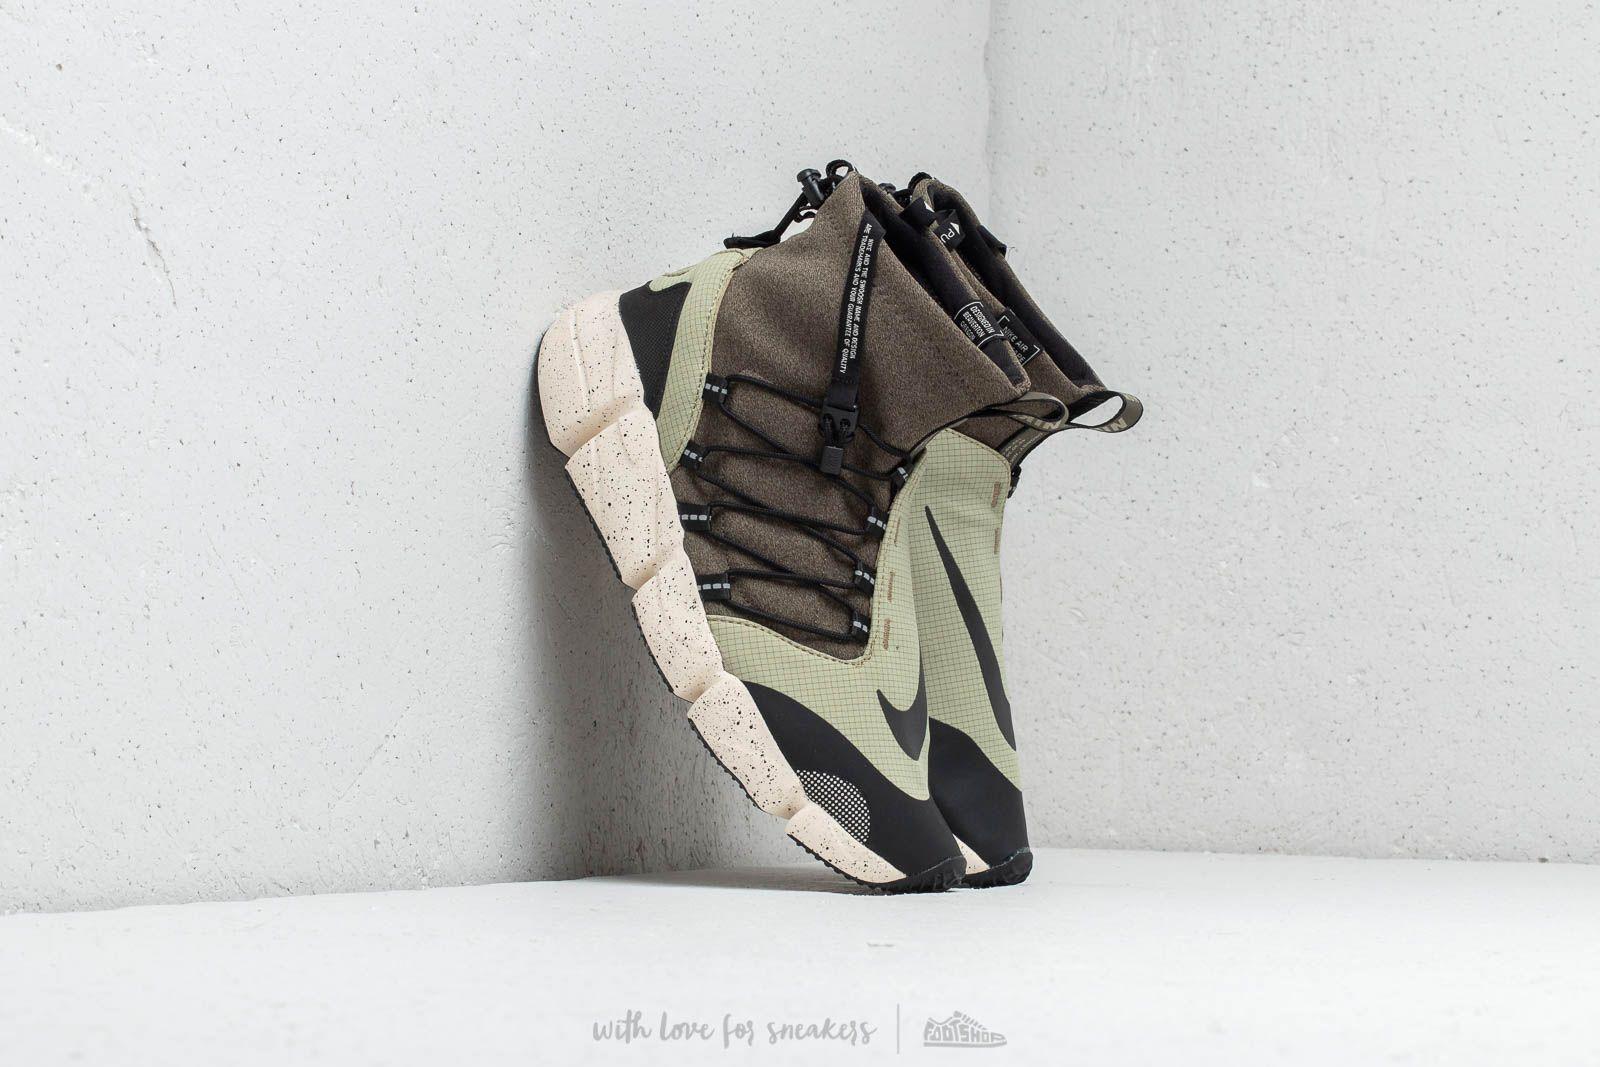 Nike Air Footscape Mid Utility DM Neutral Olive/ Black-Anthracite za skvělou cenu 3 000 Kč koupíte na Footshop.cz